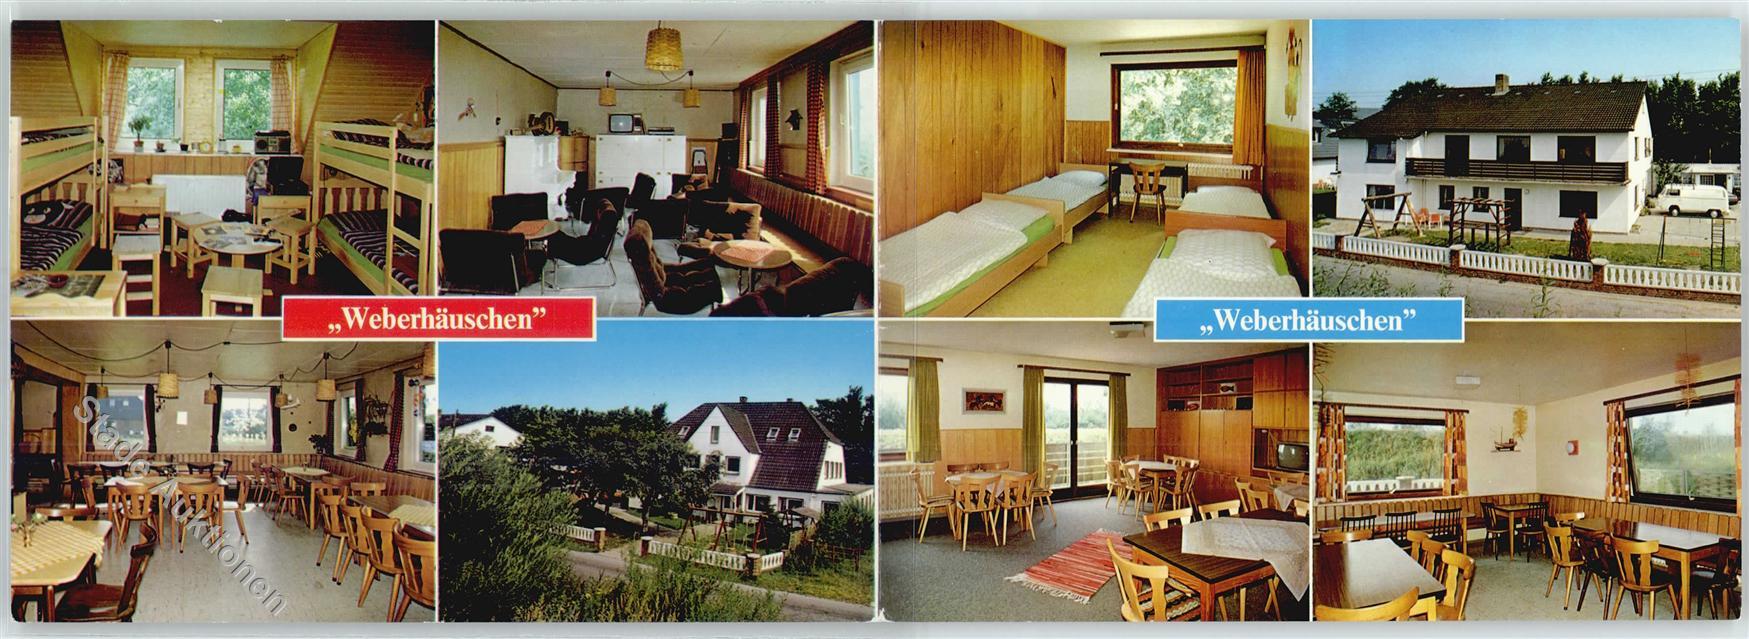 Sankt Peter Ording Karte.2252 Sankt Peter Ording Kinderheim Weberhauschen Klapp